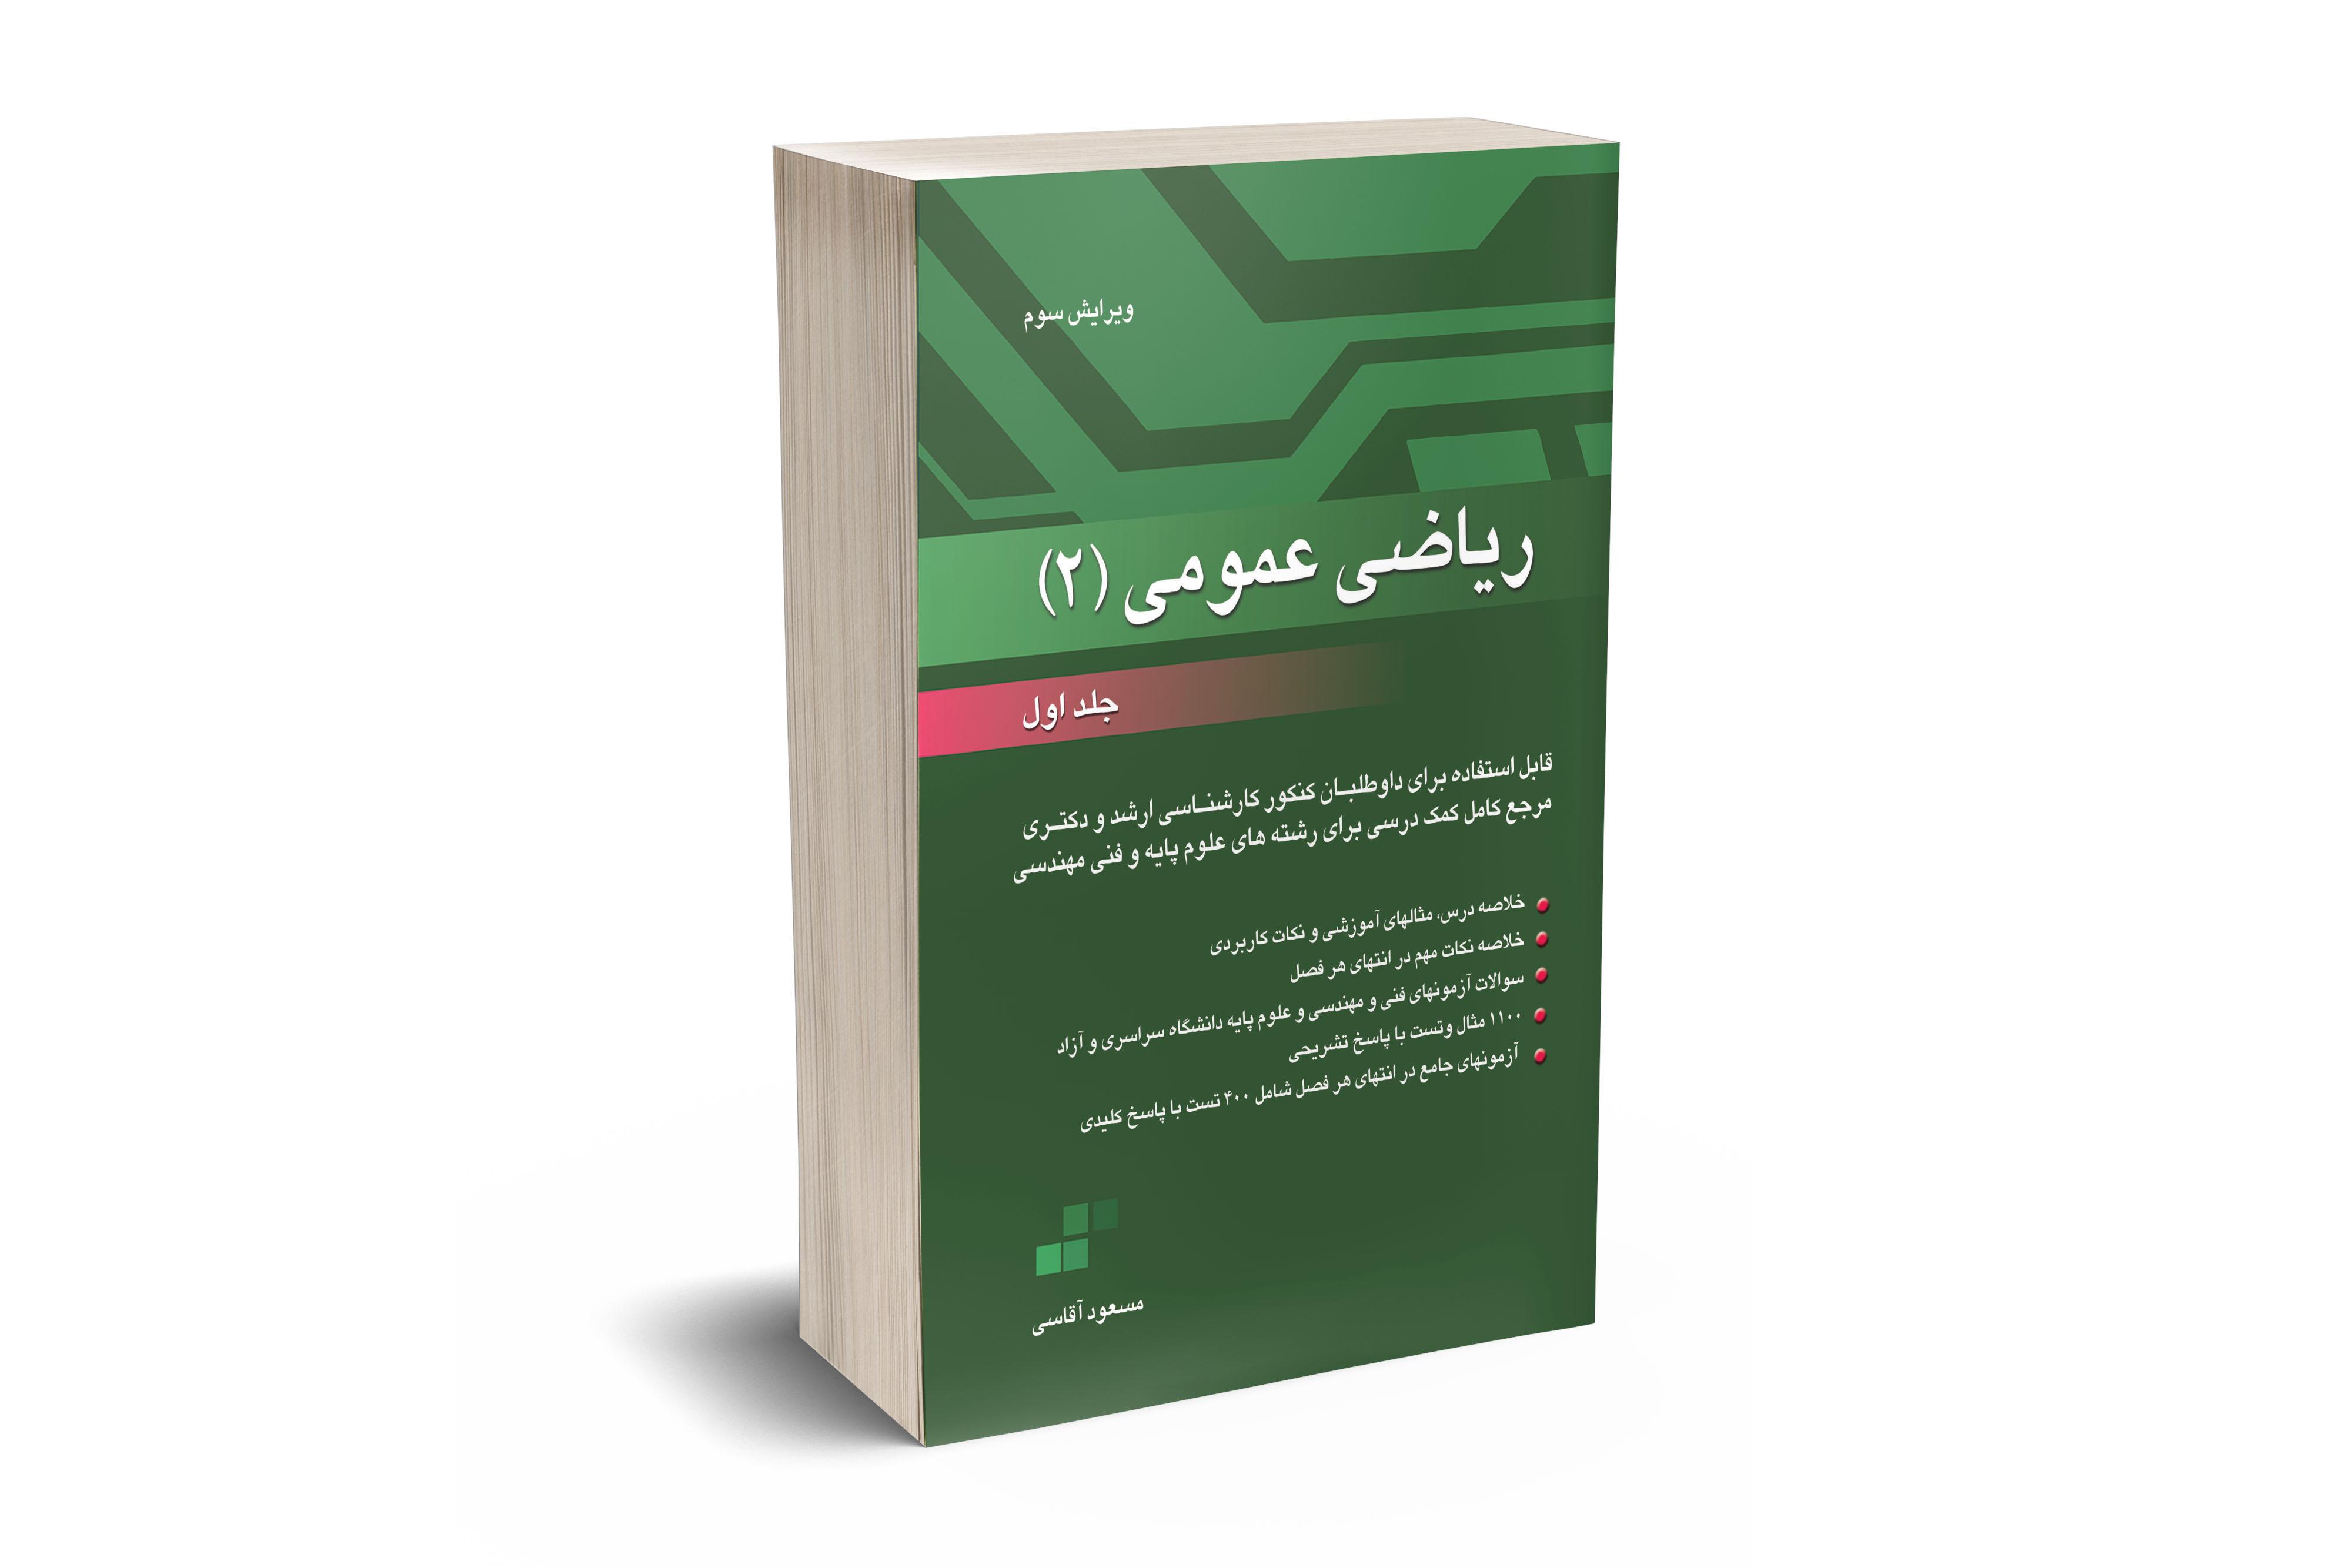 ریاضی عمومی 2 جلد اول